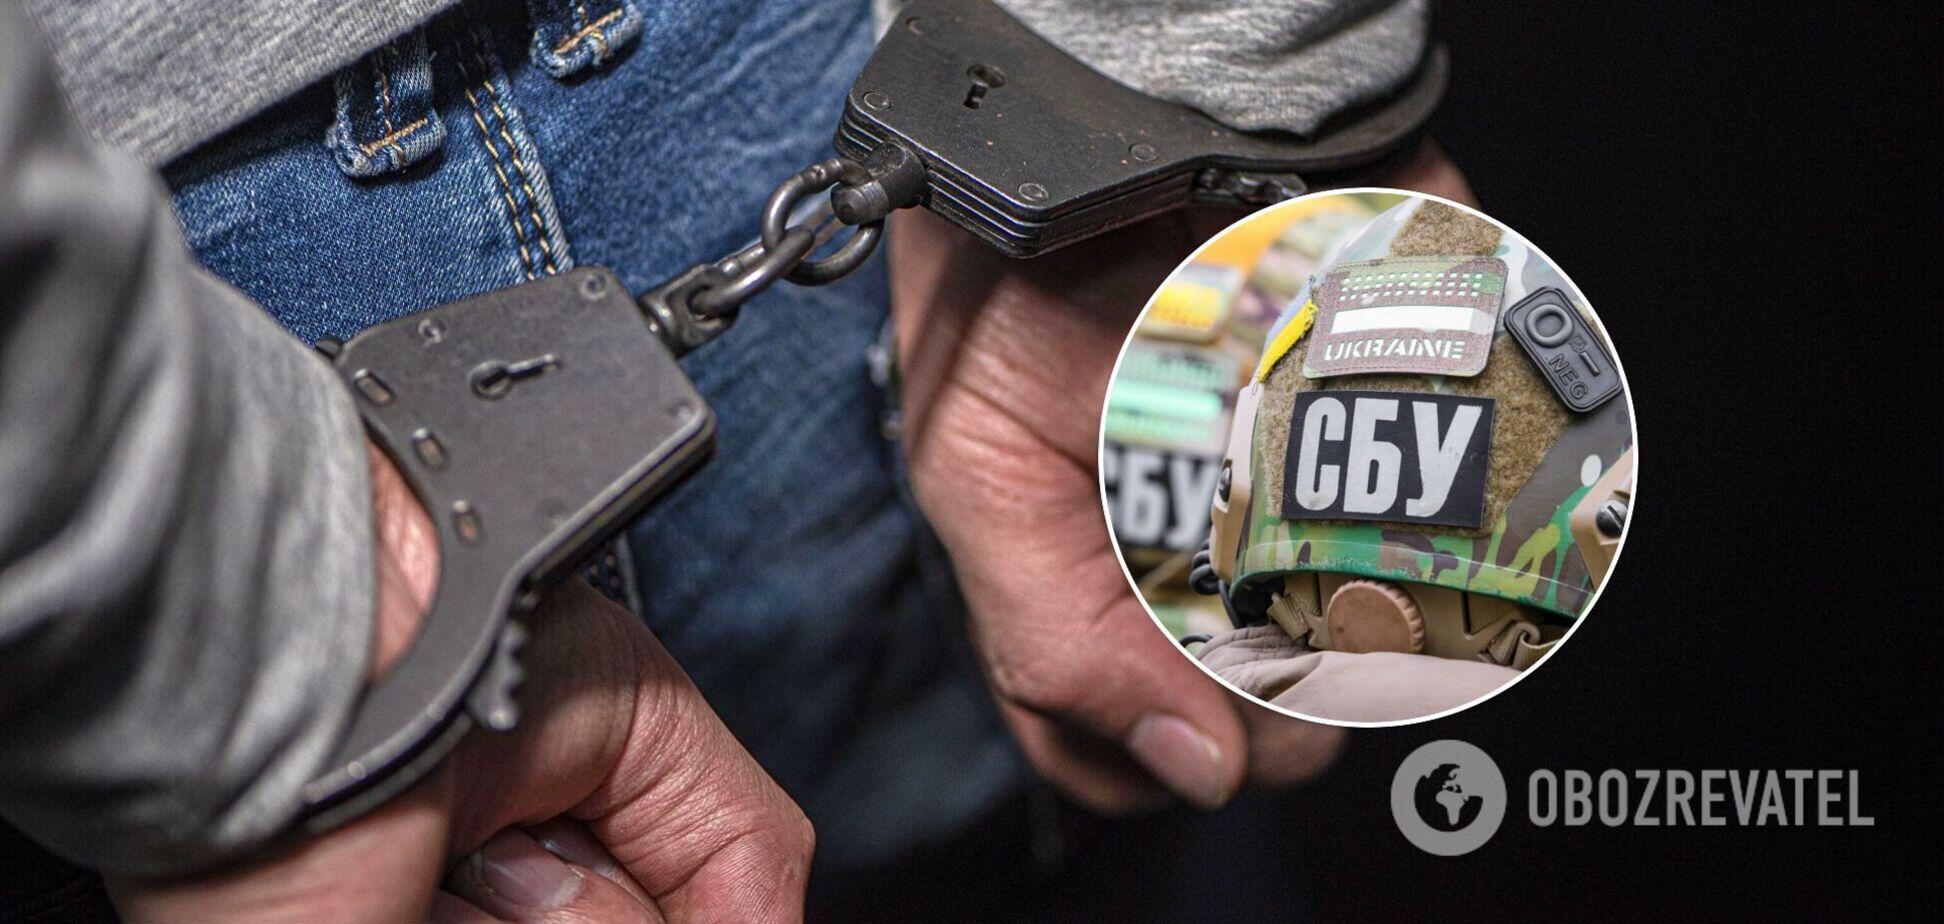 В Черкассах мужчина ворвался в управление СБУ и угрожал взорвать здание: подробности ЧП